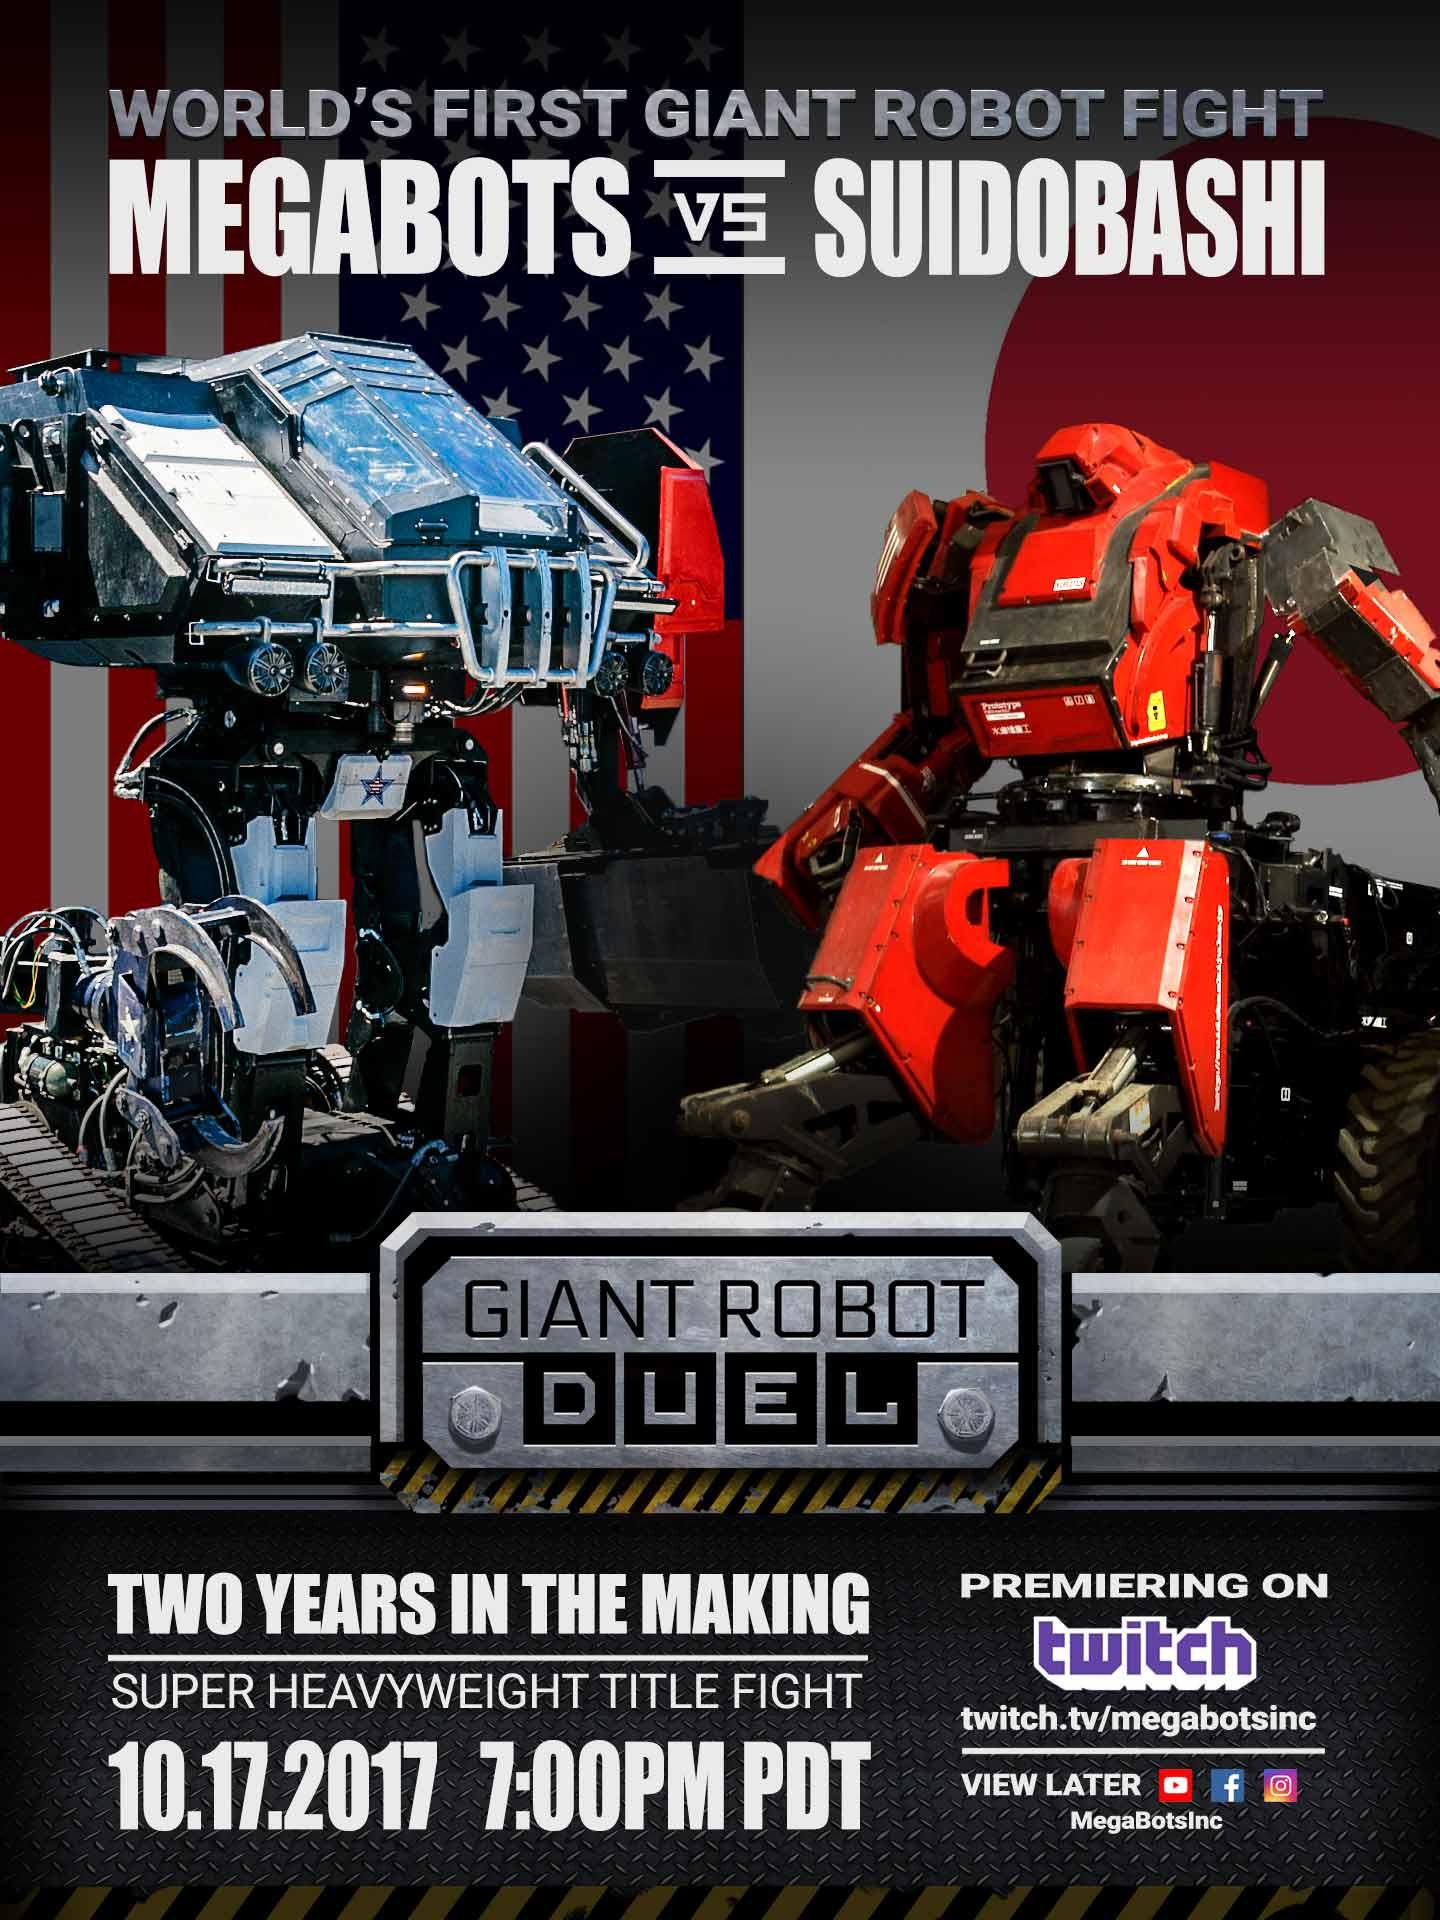 당신 심장이 두근 거릴 거대 로봇, 쿠라타스 vs 메가보츠 가 싸웠다